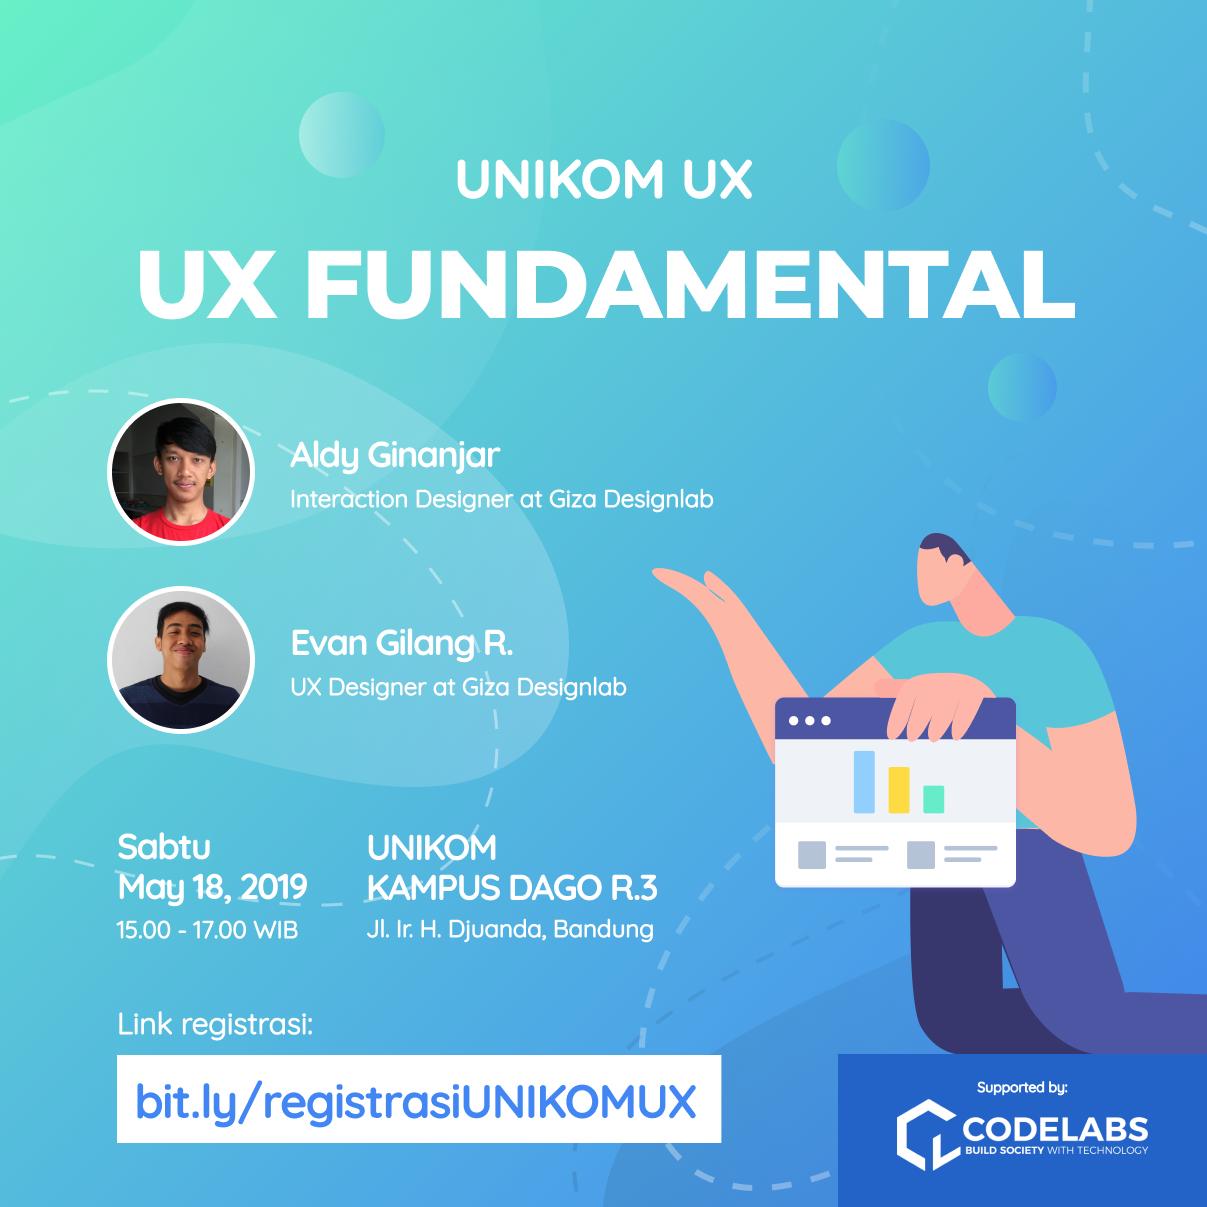 Komunitas UNIKOM UX - UX Fundamental